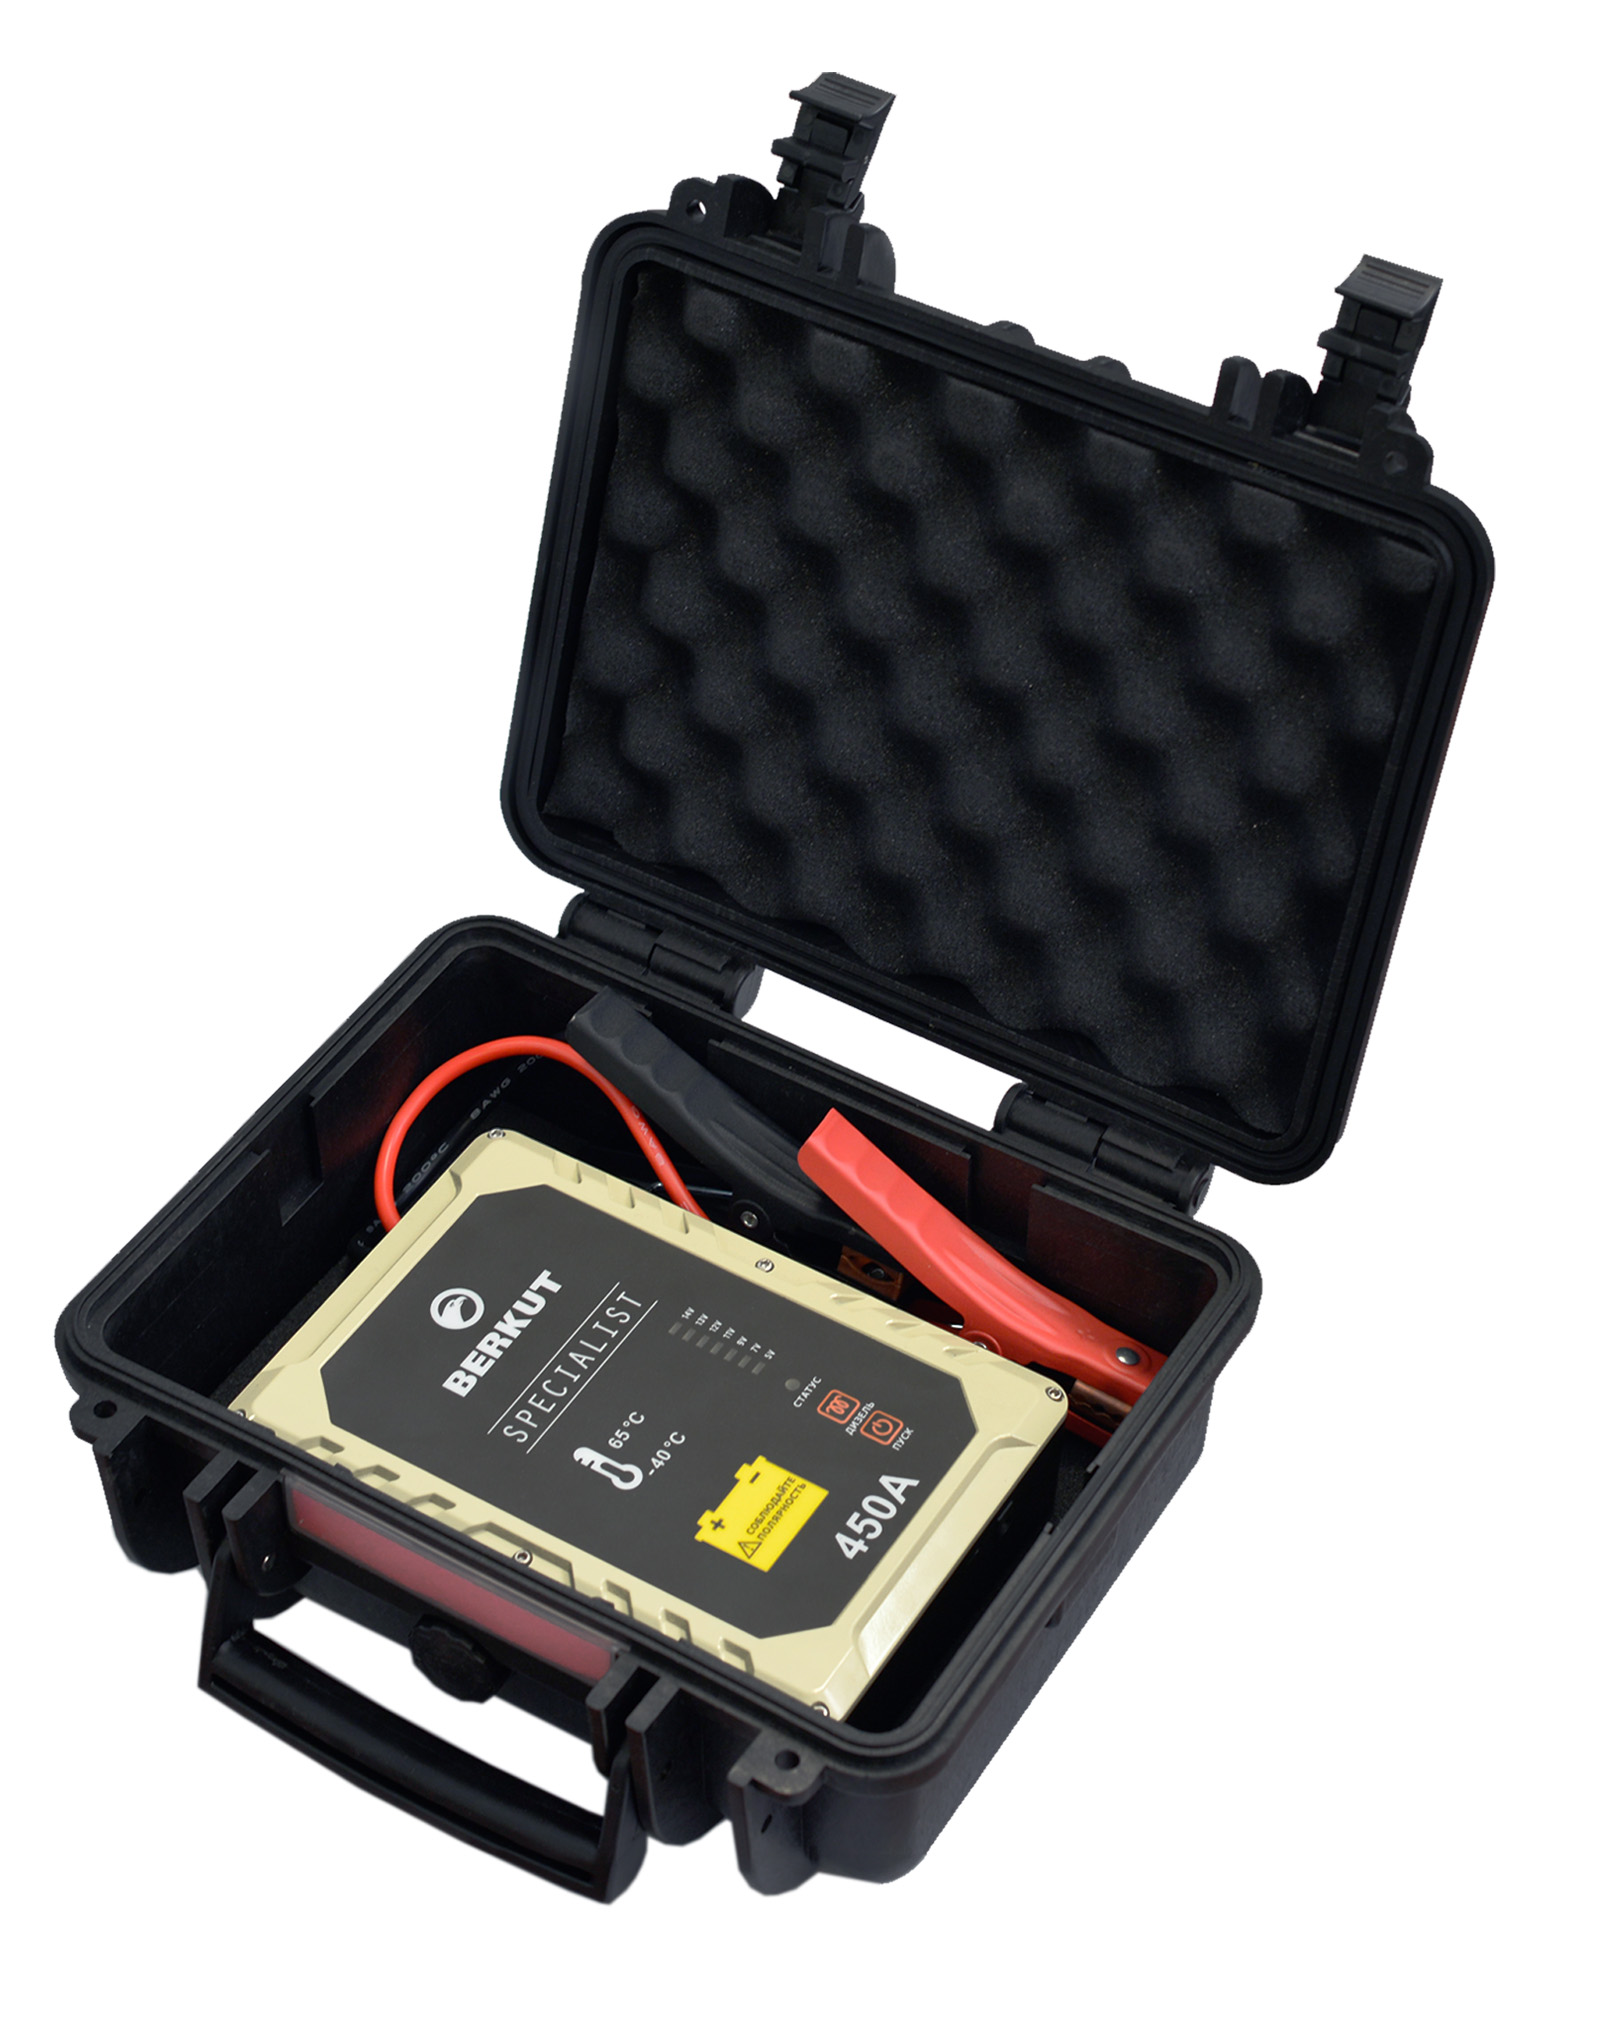 Пуско-зарядное устройство Berkut. JSC450СJSC-450CЭто специальное пусковое автомобильное устройство конденсаторного типа предназначено для аварийного запуска двигателя транспортного средства в случае неисправной АКБ. Главным достоинством устройства, отличающим его от прочих аналогов, является отсутствие аккумуляторов. Вместо них применены электроконденсаторы сверхбольшой емкости (ионисторы). Применение конденсаторного накопителя заряда позволяет гарантированно запустить двигатель автомобиля как с основательно разряженной АКБ, причем даже в том случае, когда ее остаточная емкость составляет всего 5%, так и без аккумулятора с предварительной зарядкой от АКБ или розетки прикуривателя другого автомобиля, а также от зарядного устройства с разъемом микро USB. Пусковое устройство рекомендовано для любых типов транспортных средств с бензиновым двигателем до 4500 см.куб. и дизельным двигателем до 3000 см.куб и напряжением бортовой сети 12В.Технические характеристики: - Напряжение на клеммах: 12 В - Пусковой ток: 450 A - Тип конденсаторов: пусковые, импульсные - Время зарядки от АКБ: до 5 мин - Время зарядки от прикуривателя 12V: 15-20 мин - Время зарядки от Мини USB 5V: 2-3 часа - Количество попыток запуска при полной зарядке: не более одного пуска - Диапазон температур для запуска и хранения: -40 °C +65 °C - Вход Micro USB: 5В (2000 мА) - Вход для зарядки: 12В (10 А) Функциональные особенности: - Не требует подзарядки во время хранения - Готов к использованию вне зависимости от продолжительности хранения - Режим для запуска двигателя автомобиля без аккумулятора - Специальный режим запуска дизеля с предварительным прогревом свечей - Встроенный вольтметр для определения напряжение аккумулятора автомобиля - Отсутствие падение емкости заряда с понижением температур - Нет снижения емкости заряда связанные со старением устройства - Защита от переполюсовки (неправильной полярности) - Защита от короткого замыкания - Цикл заряд/разряд до 10 000 раз - Срок годности - более 10 лет